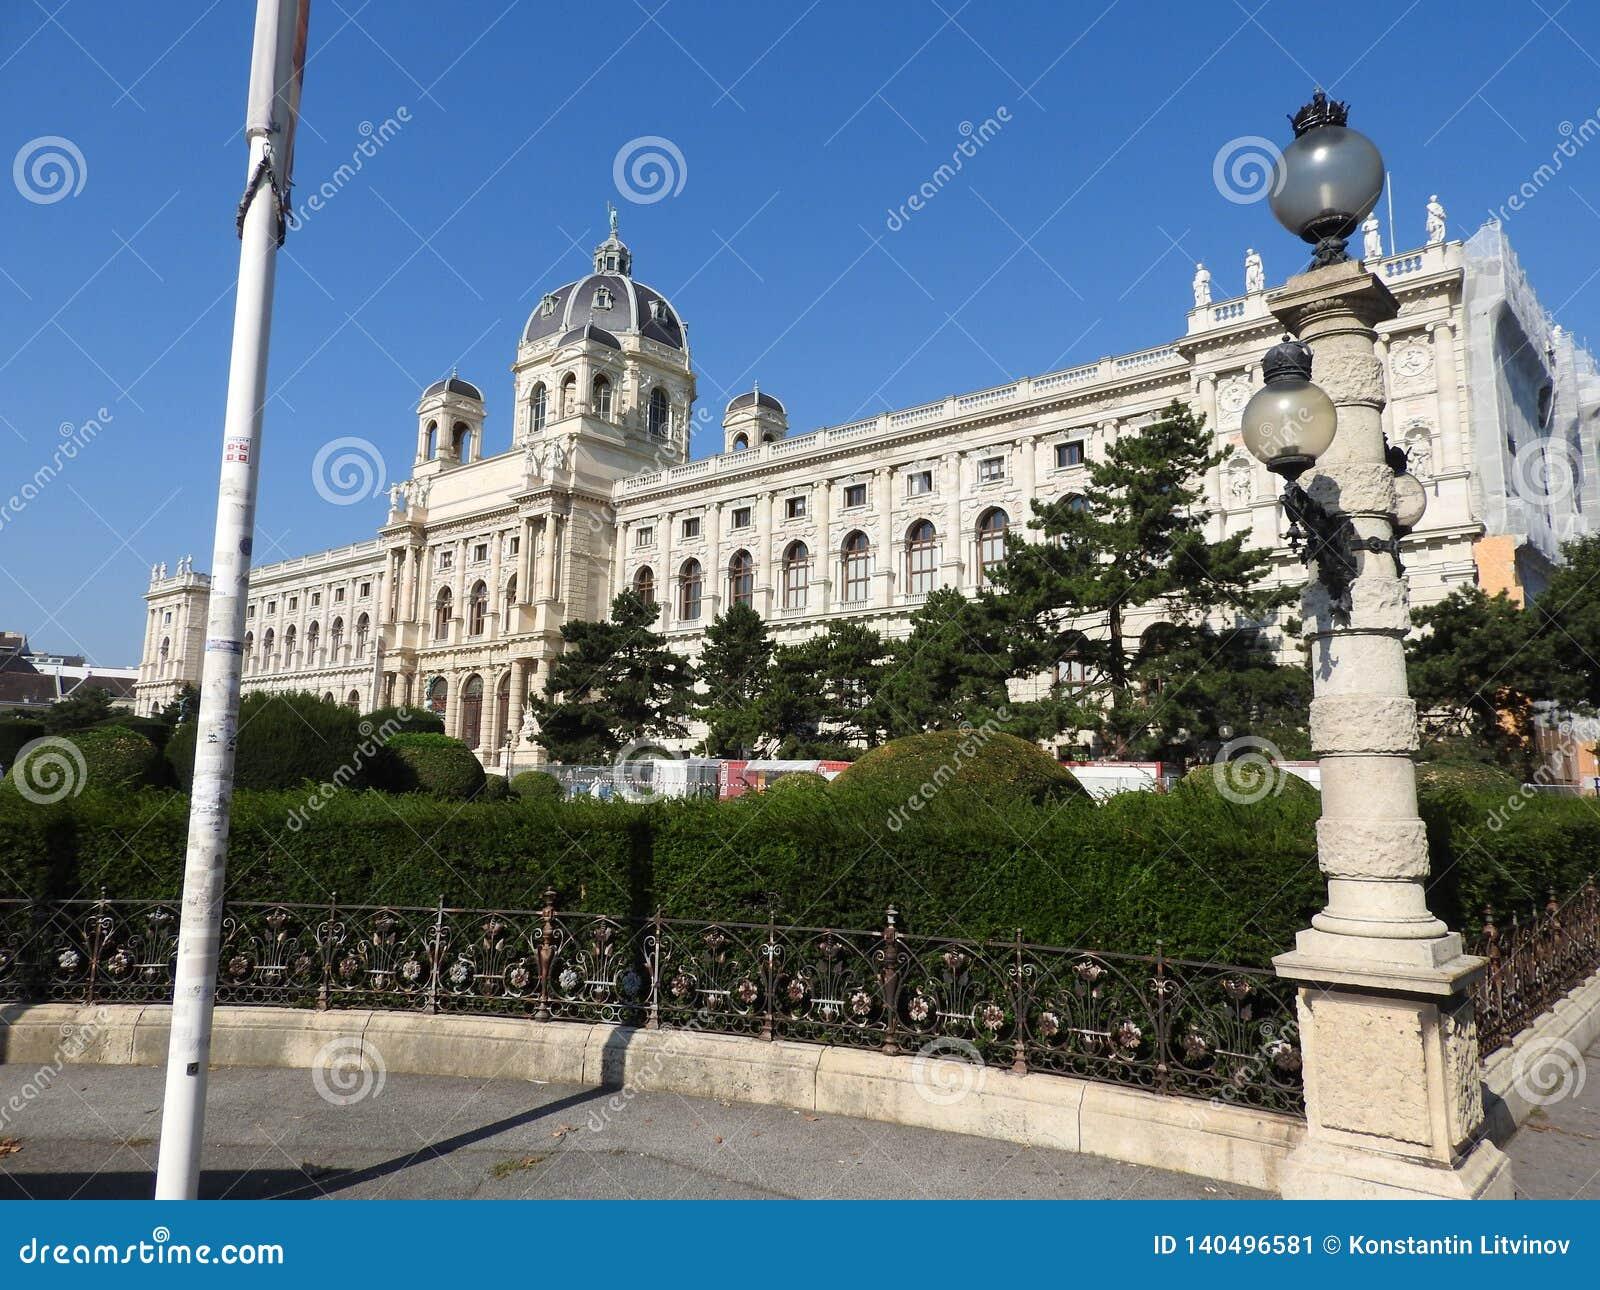 Steinarchitektur von Hausfassaden und von Monumenten, Wien, Österreich